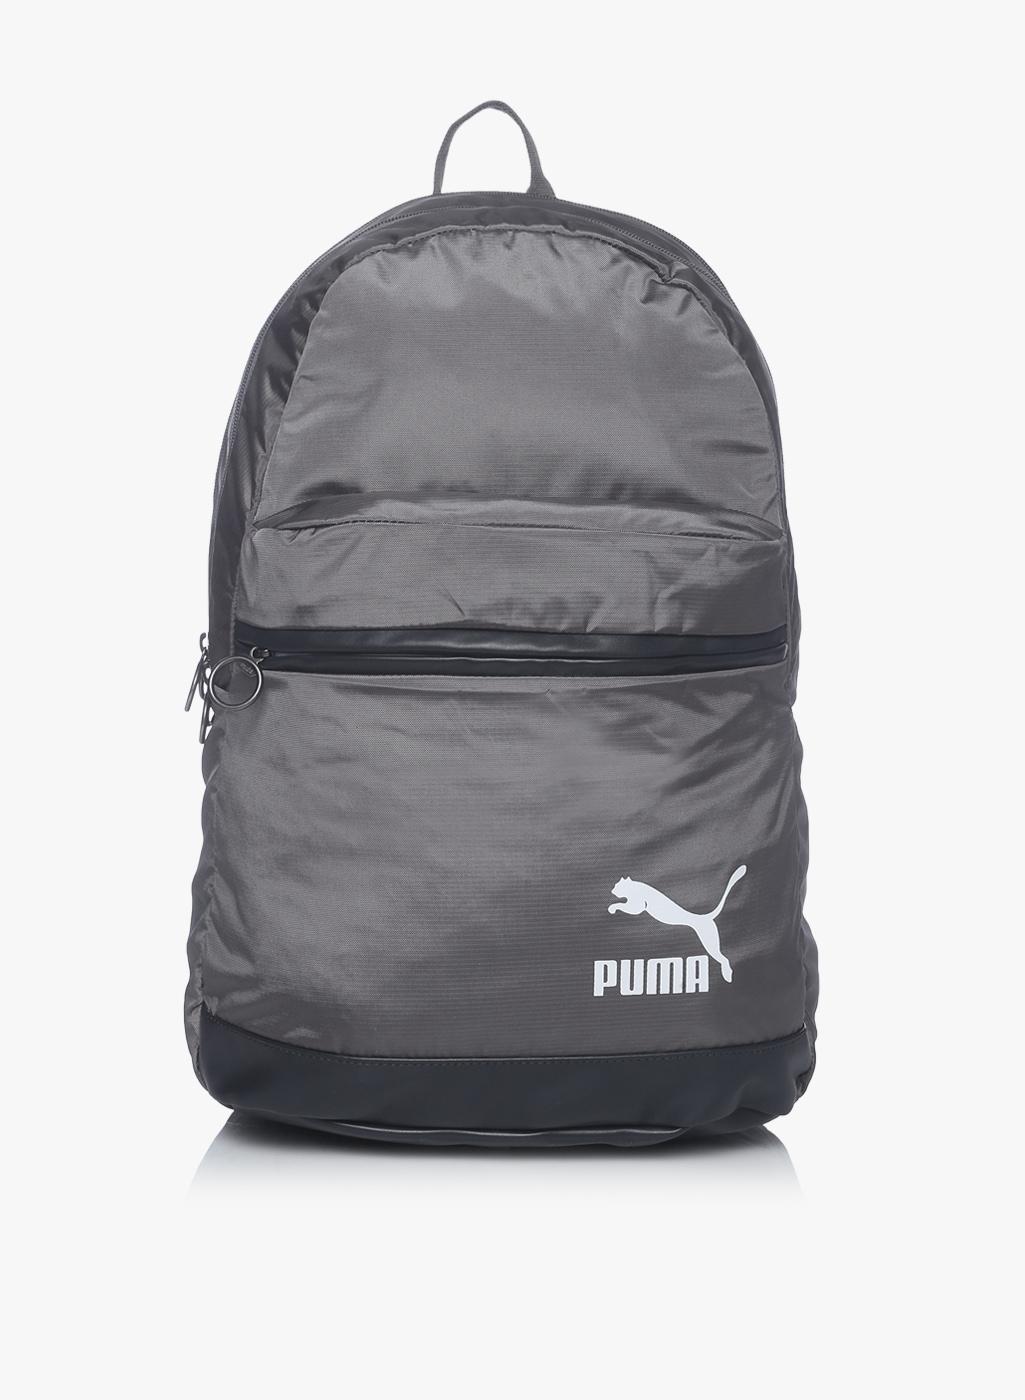 Puma® - Buy Orignal Puma products in India   Myntra bed0b5b641